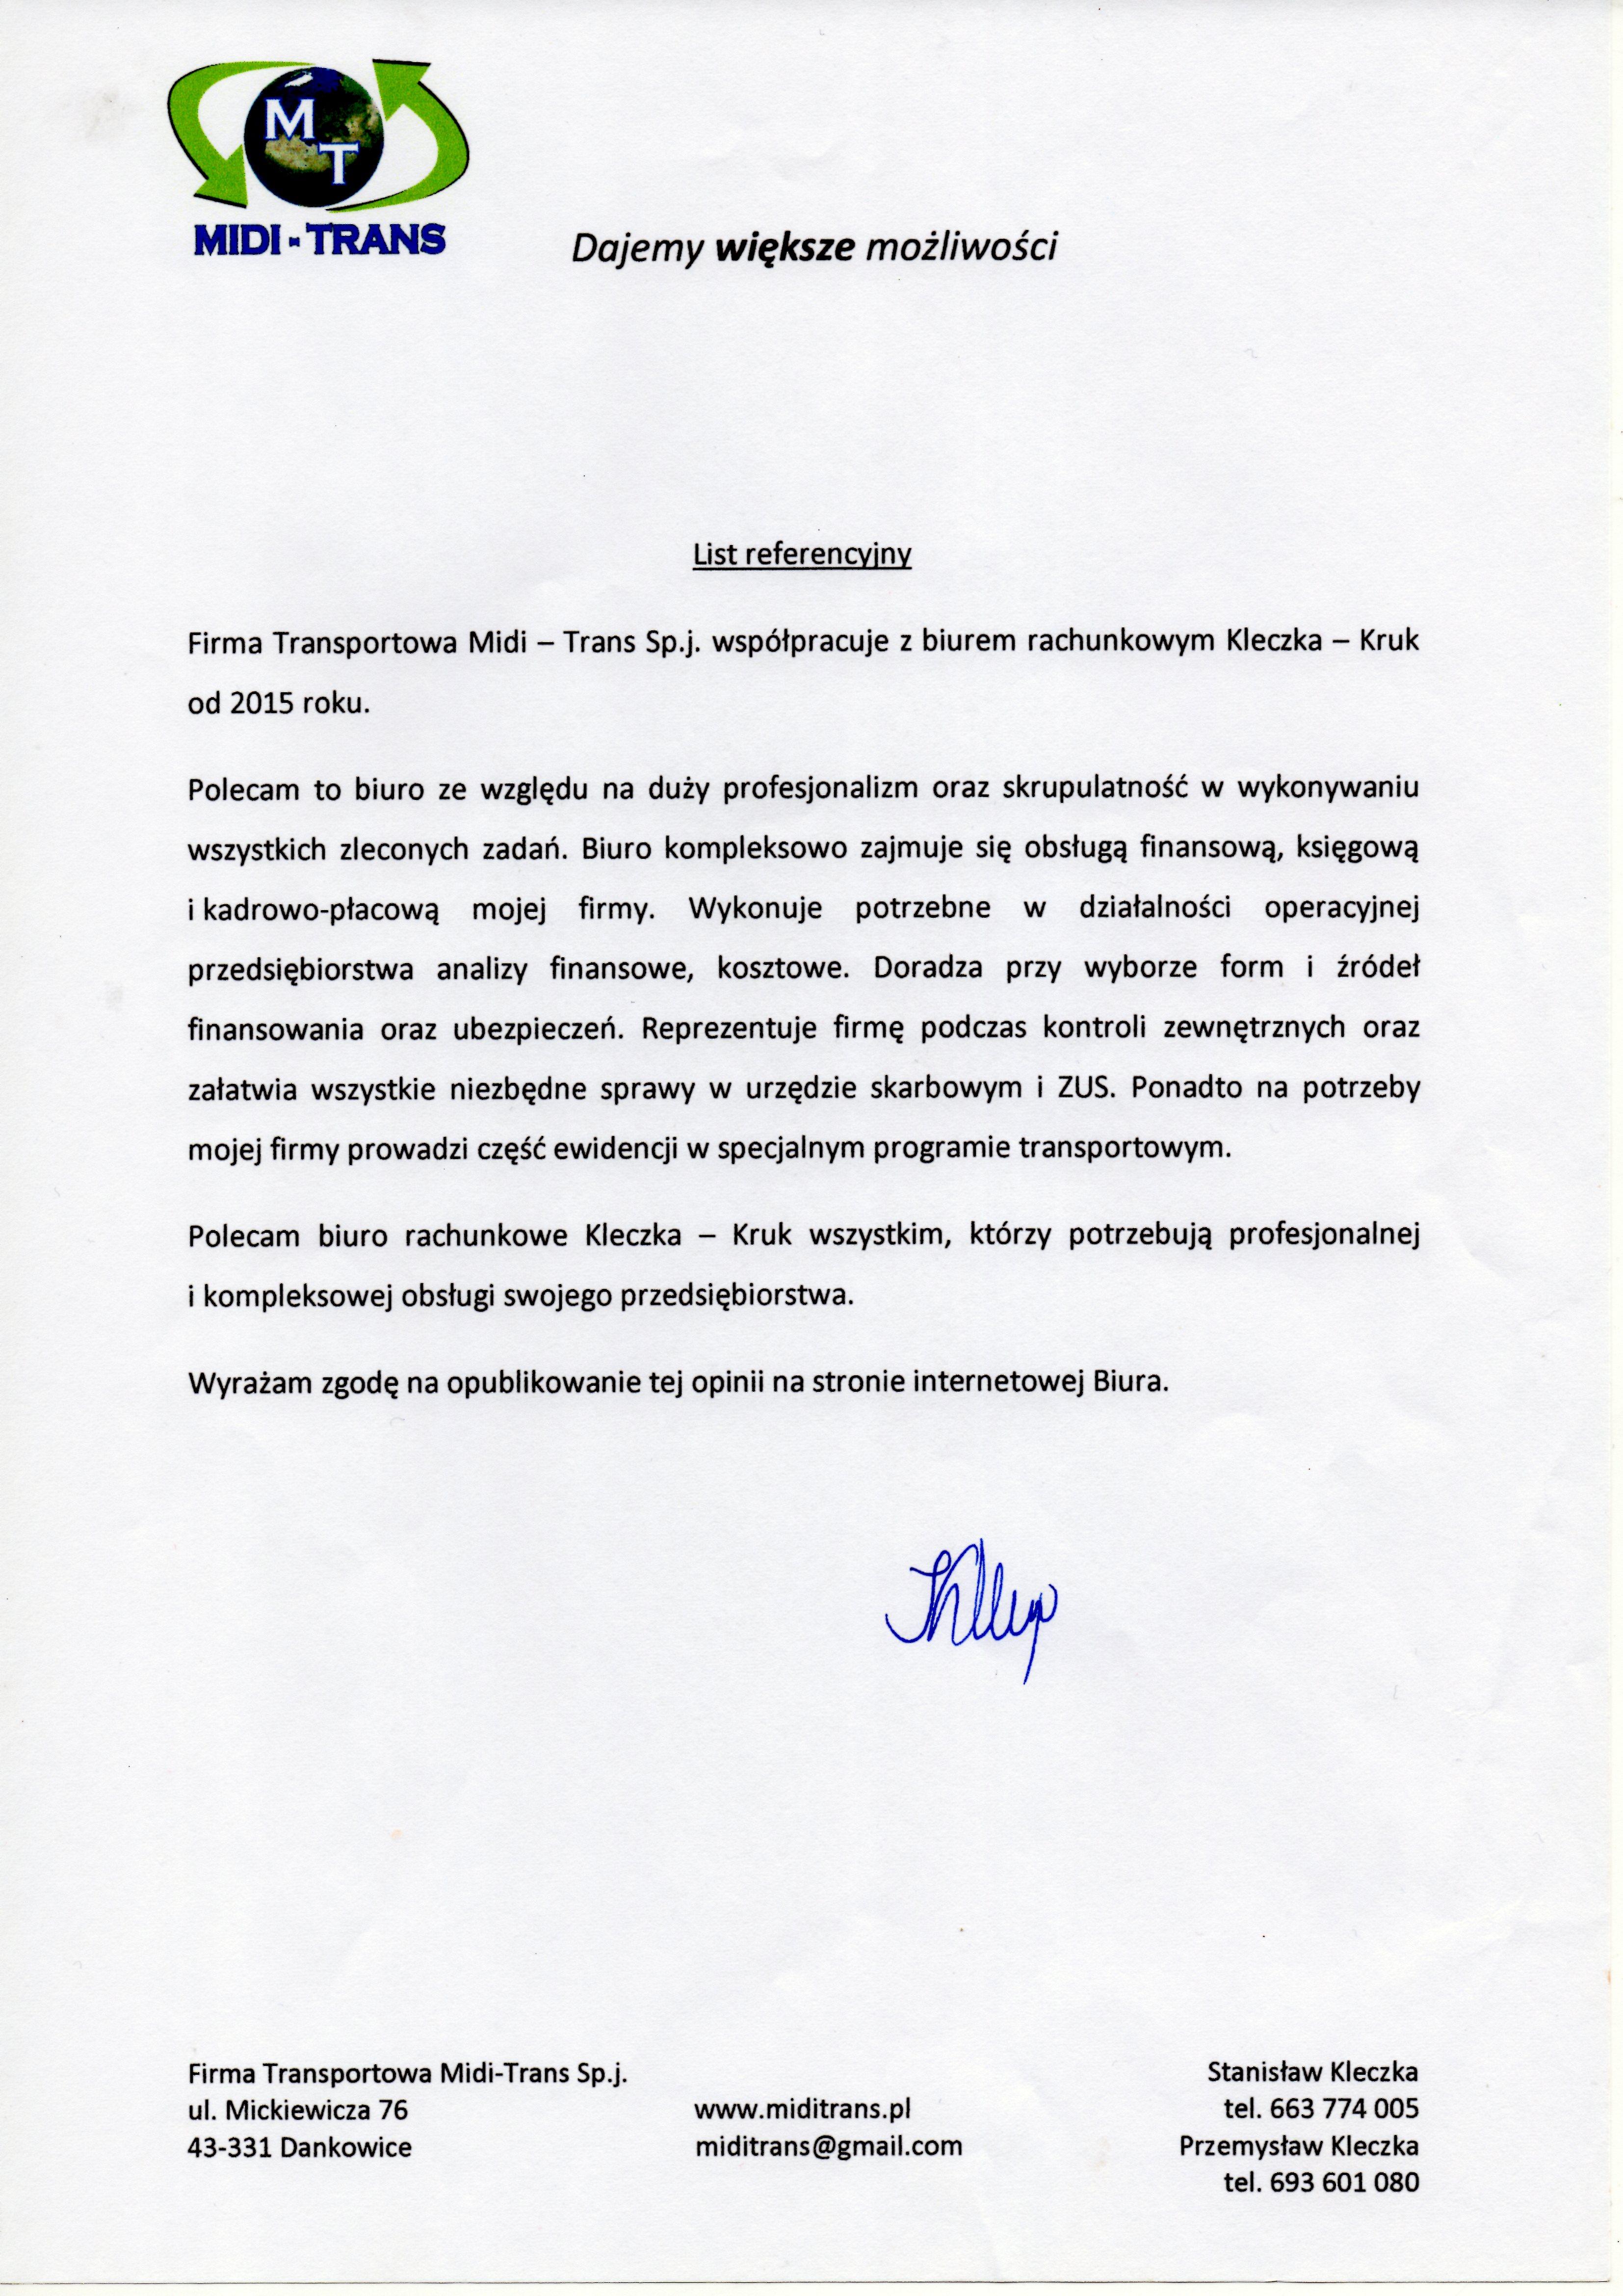 FT MIDI-TRANS S. J. Stanisław Kleczka